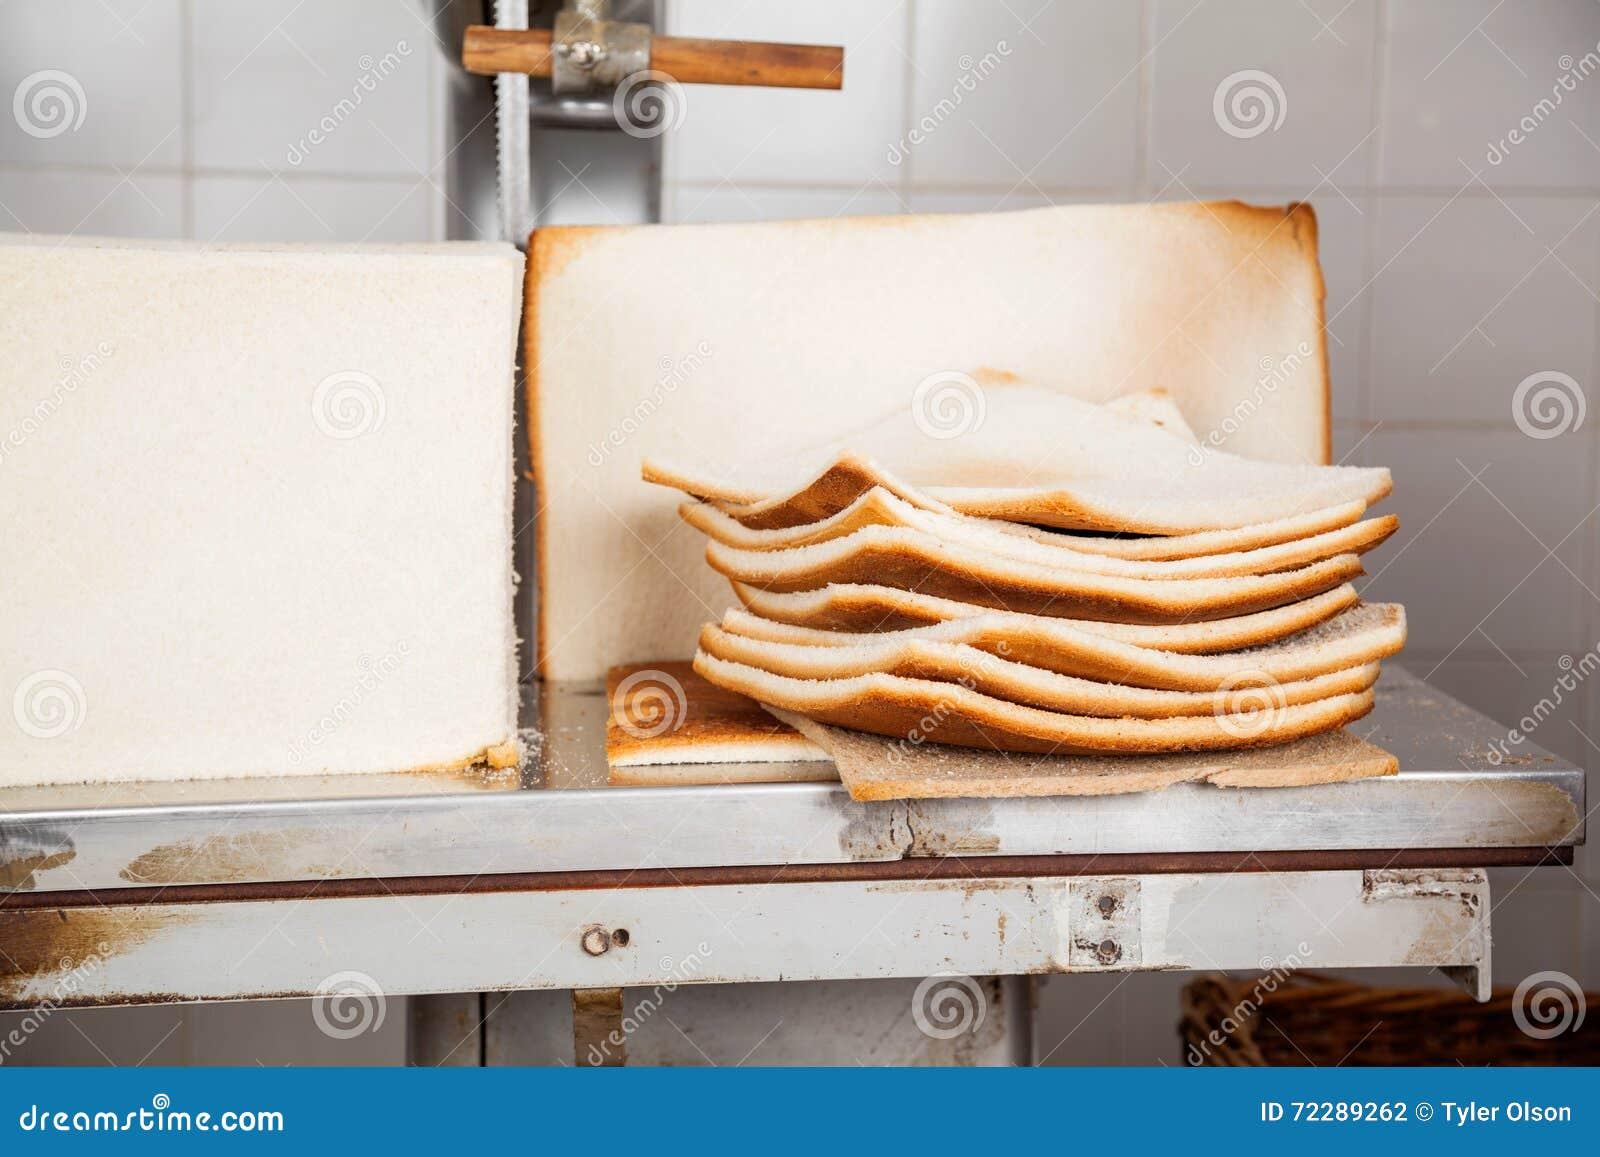 Download Хлебцы хлеба с излишними кусками на таблице автомата для резки Стоковое Фото - изображение насчитывающей балансера, еда: 72289262